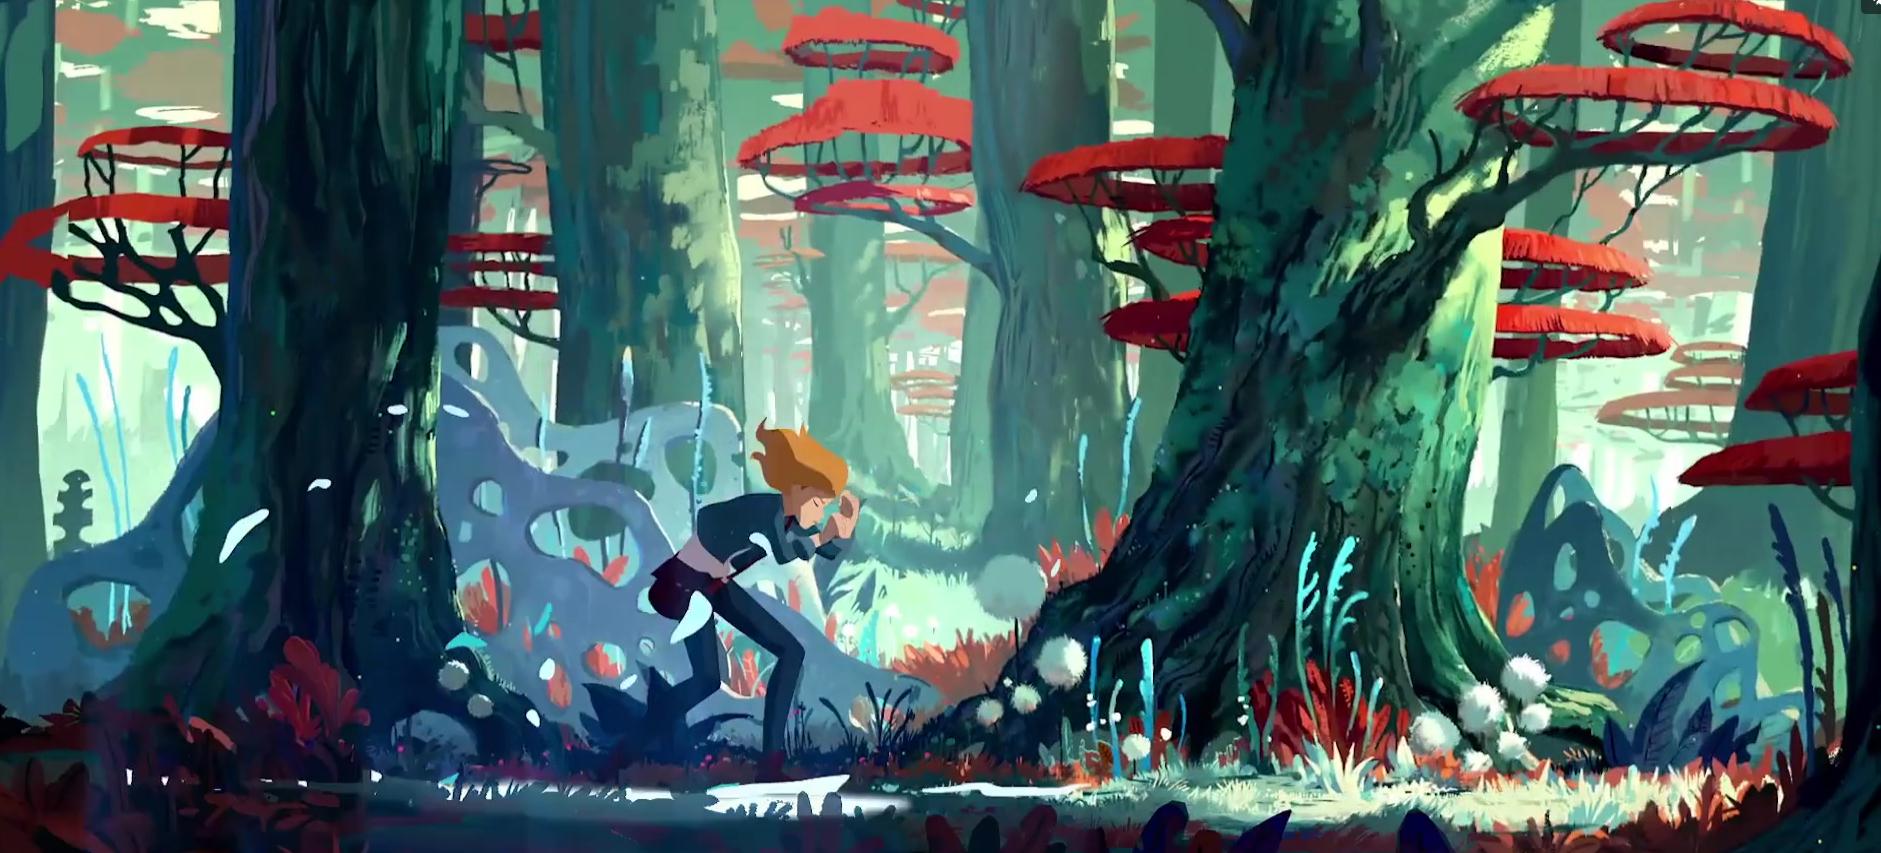 Трейлер Ewilan's Quest — французского мультсериала по мотивам фэнтезийного цикла 4